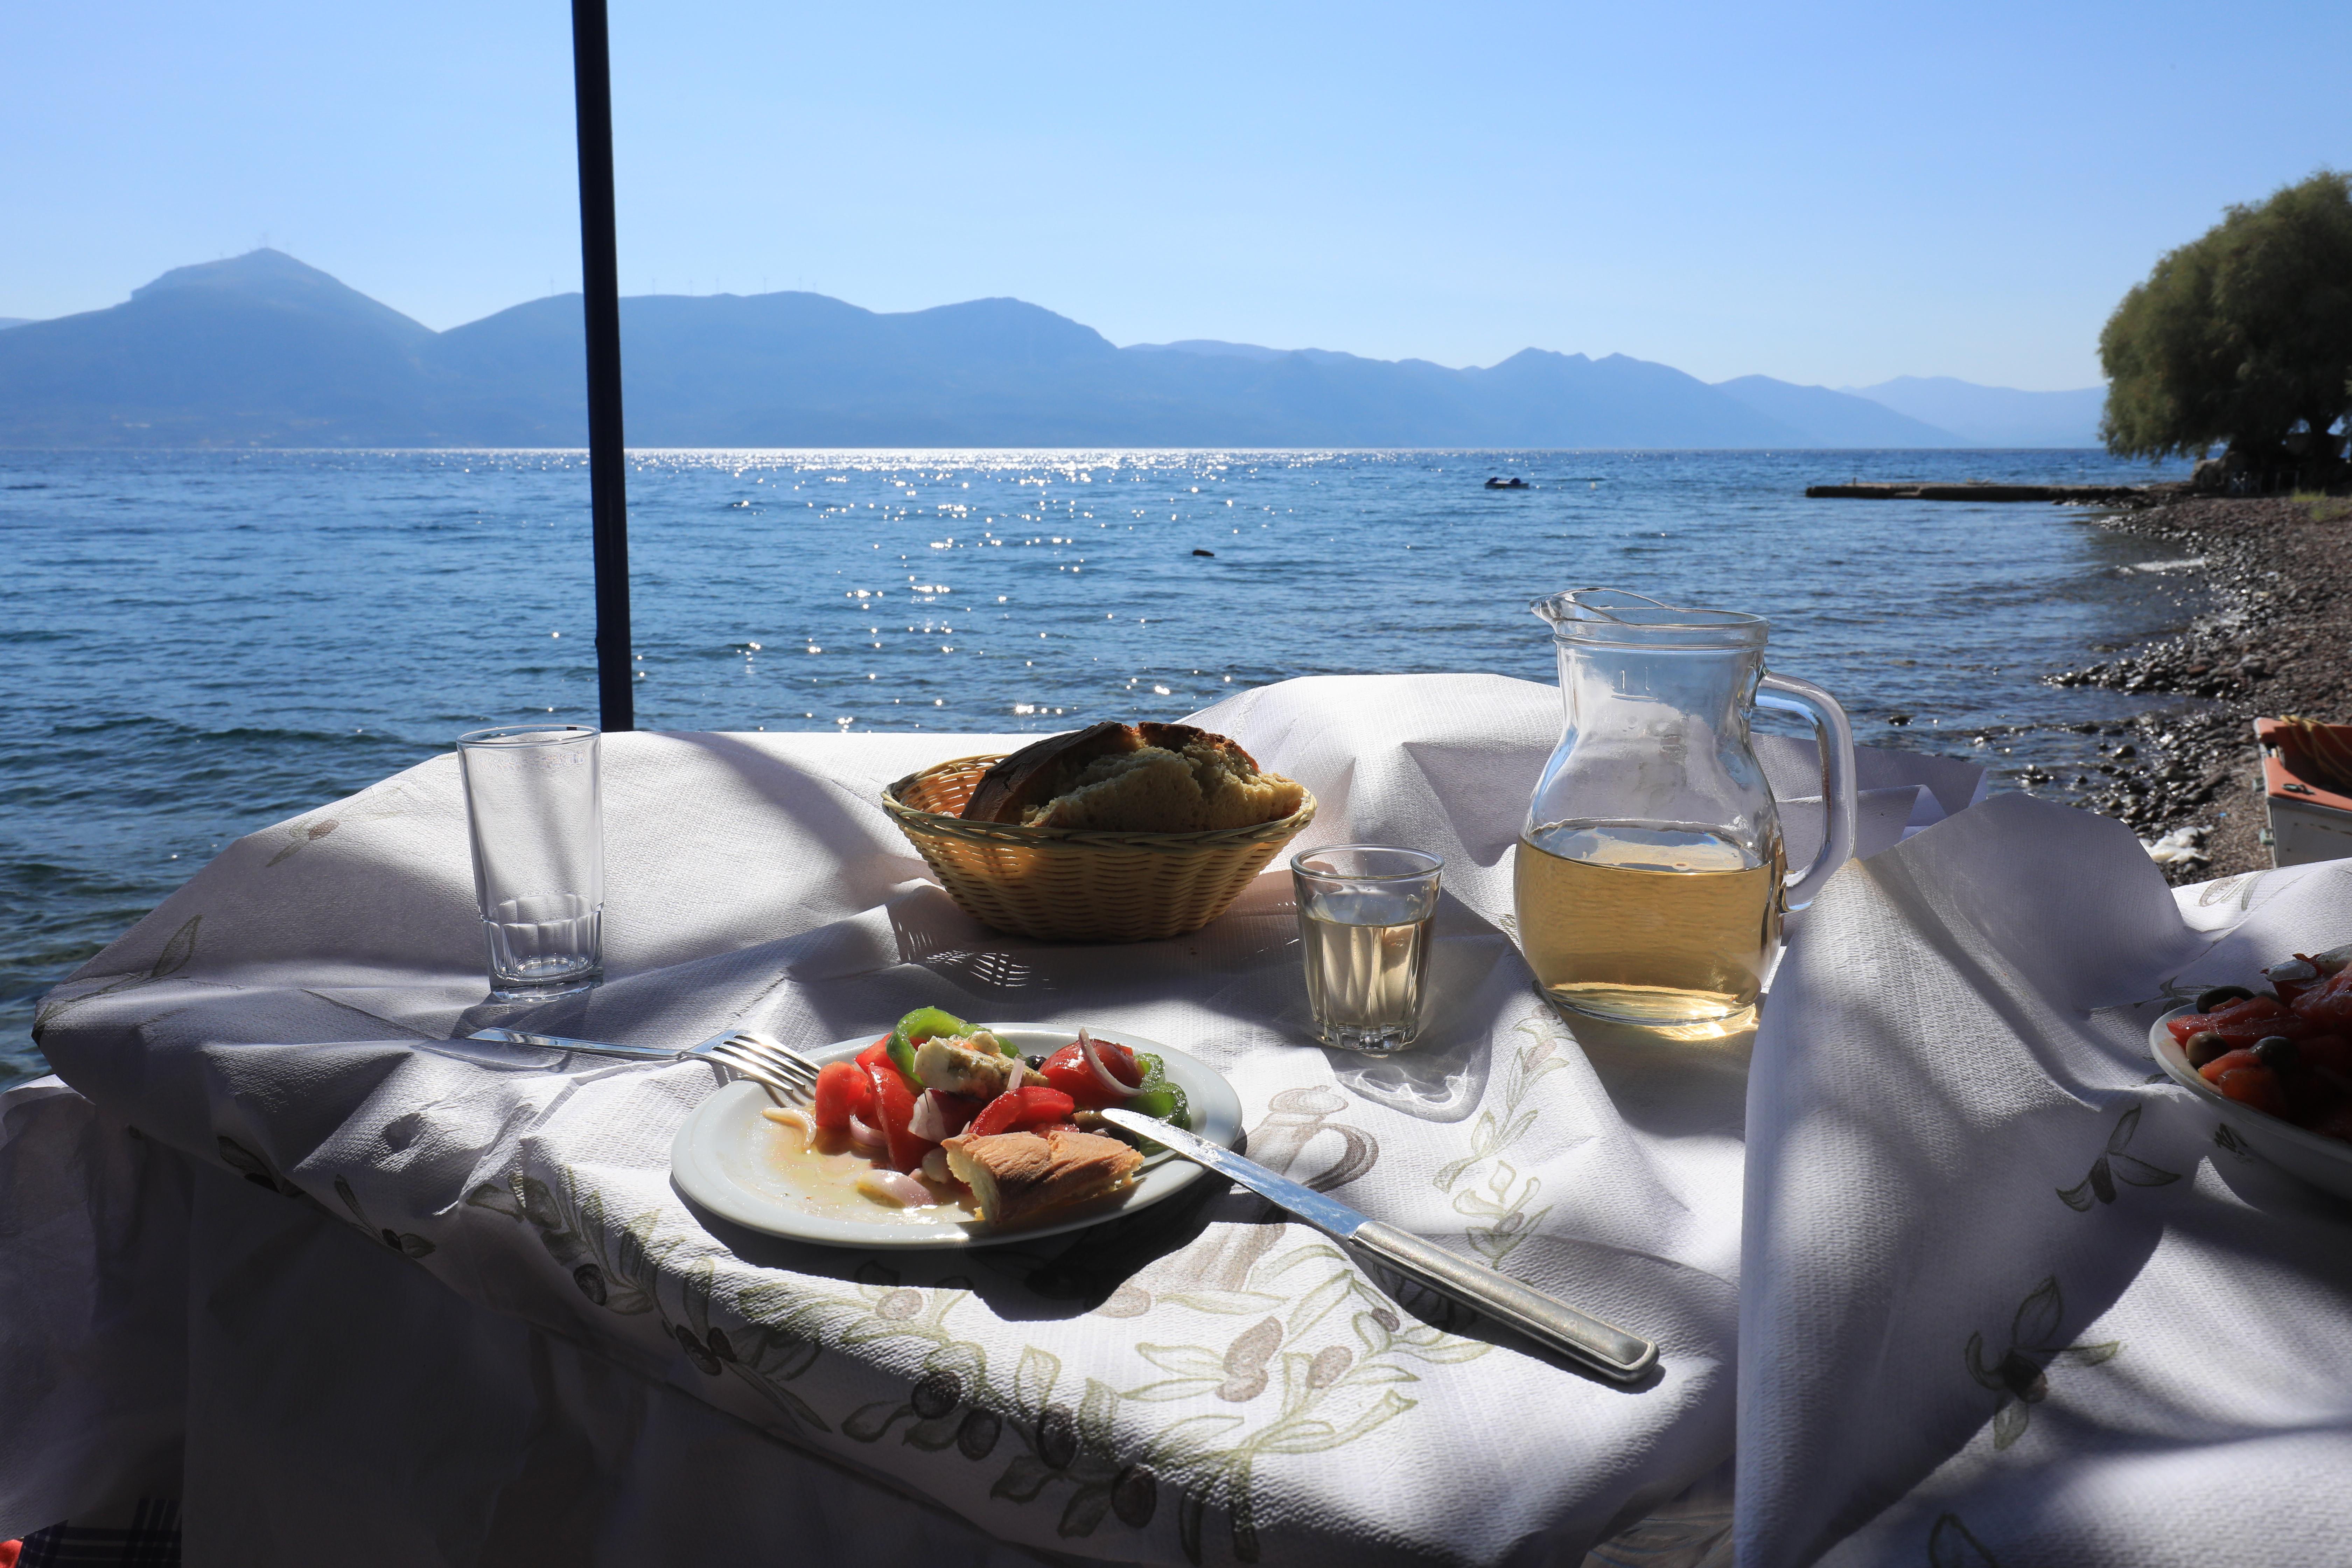 Stolik z widokiem na Peloponez. Sałatka grecka i świeży chleb.